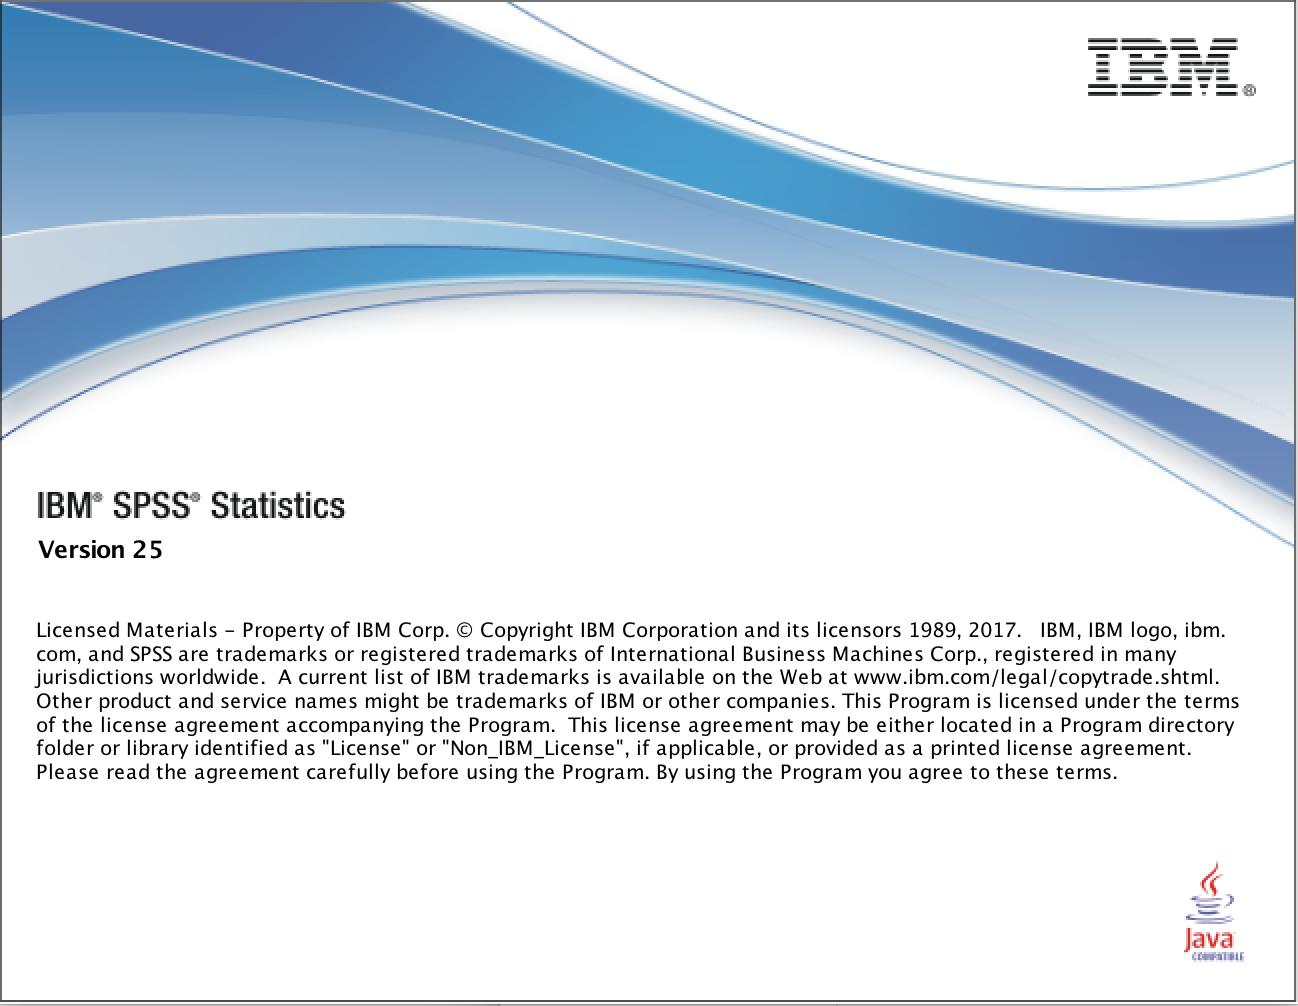 مجموعة مراجع من شركة IBM لبرنامج التحليل الإحصائي SPSS